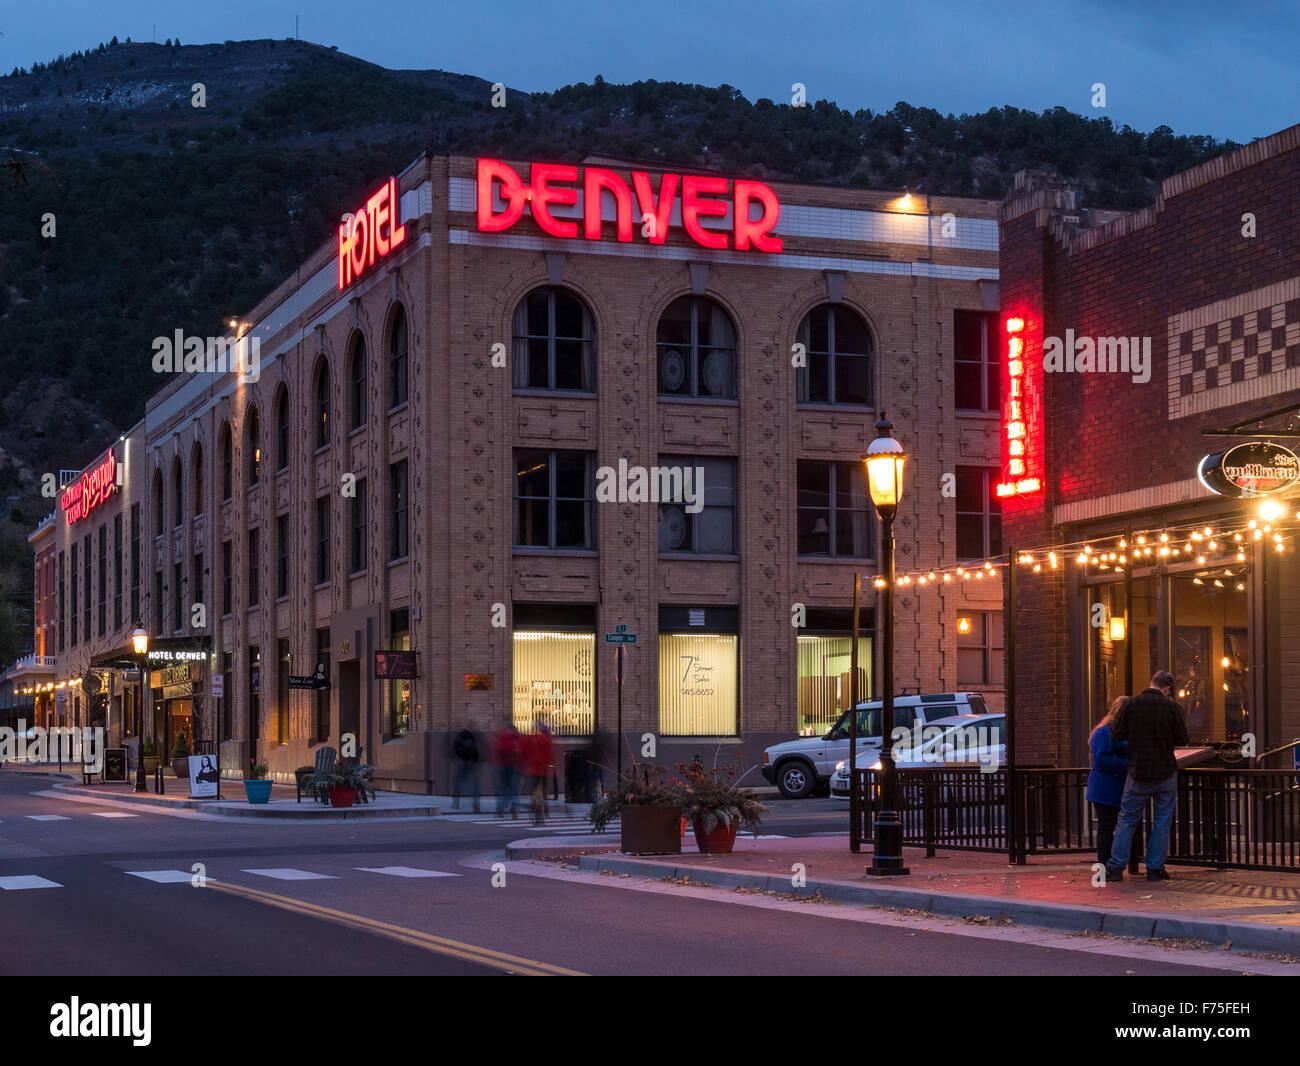 Hotel Denver at dusk, Glenwood Springs, Colorado. - Stock Image